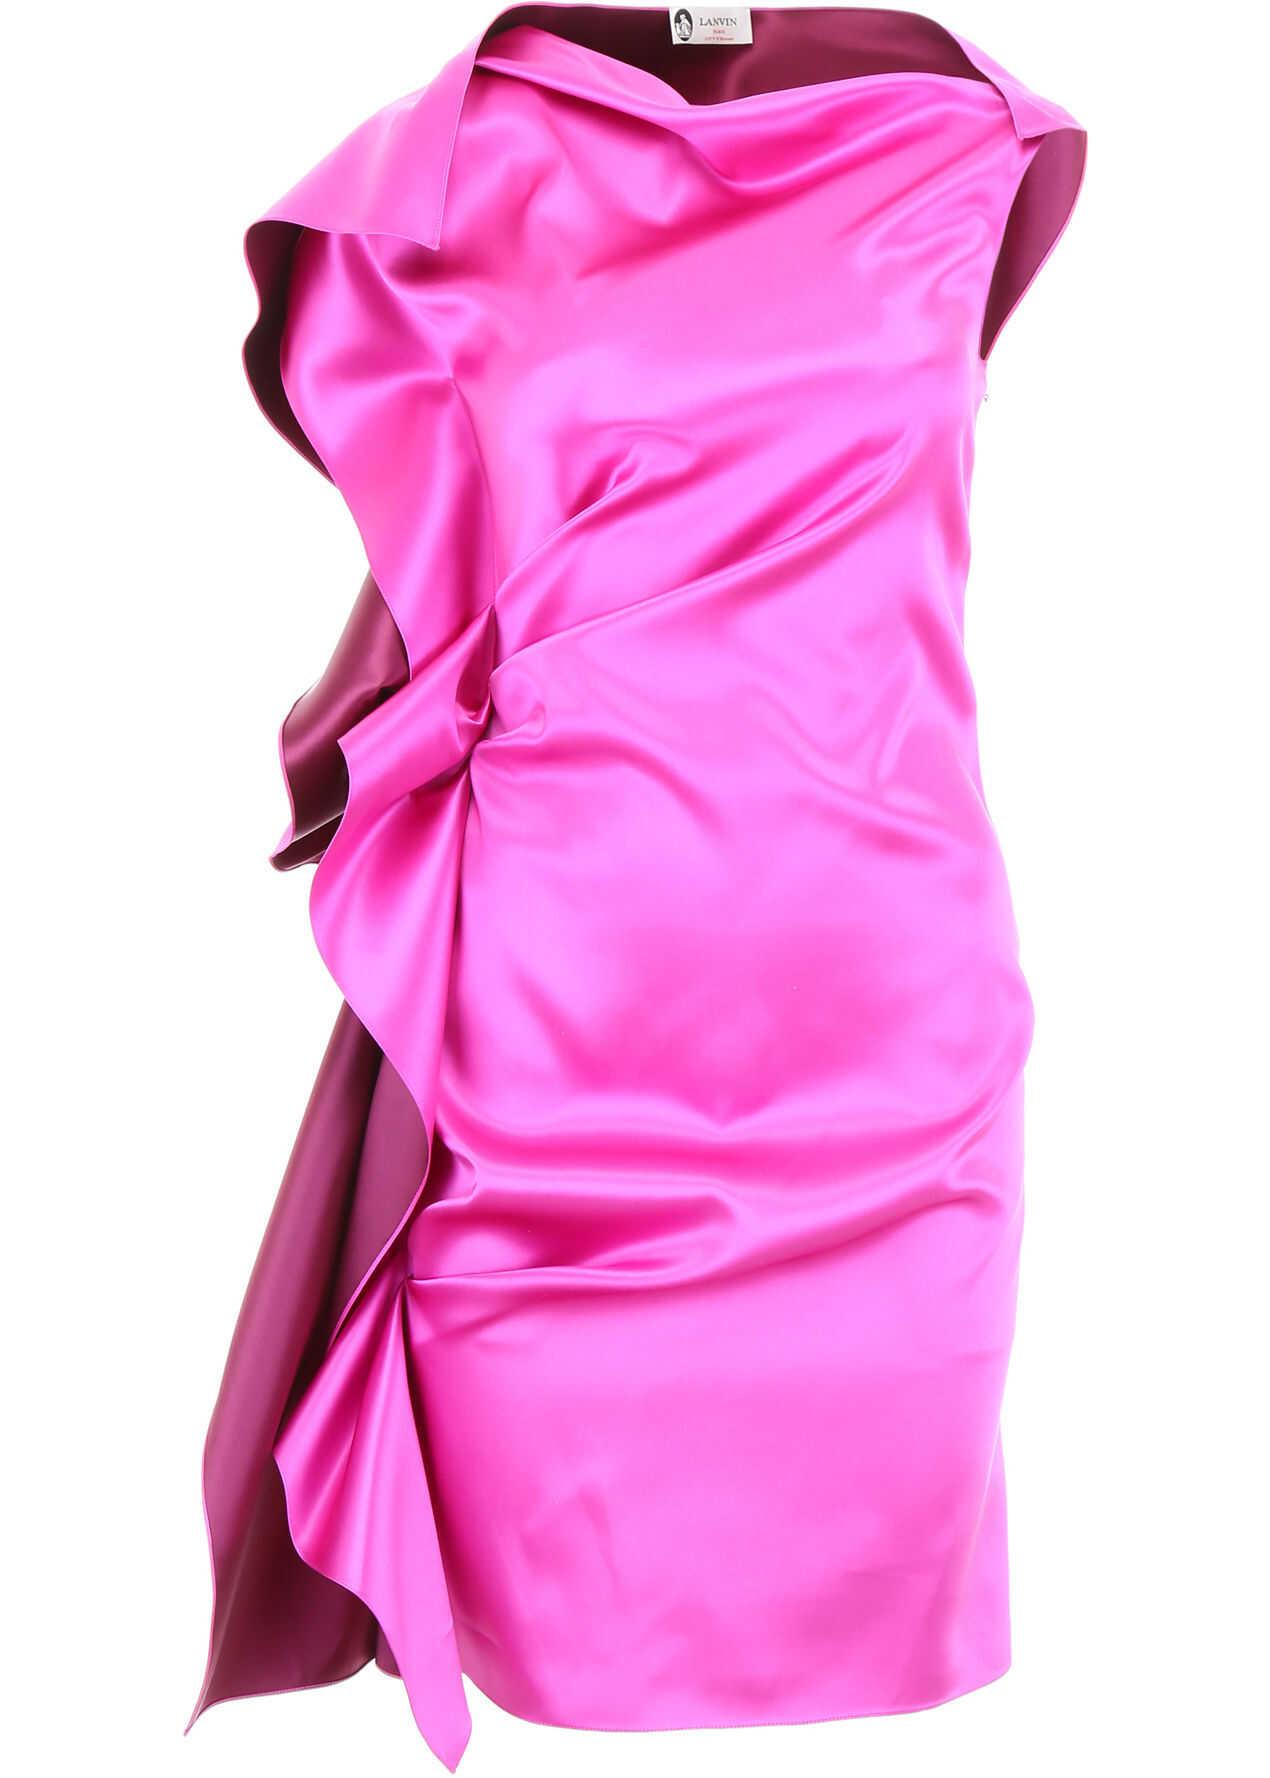 Lanvin Ruffled Dress SHOCKING